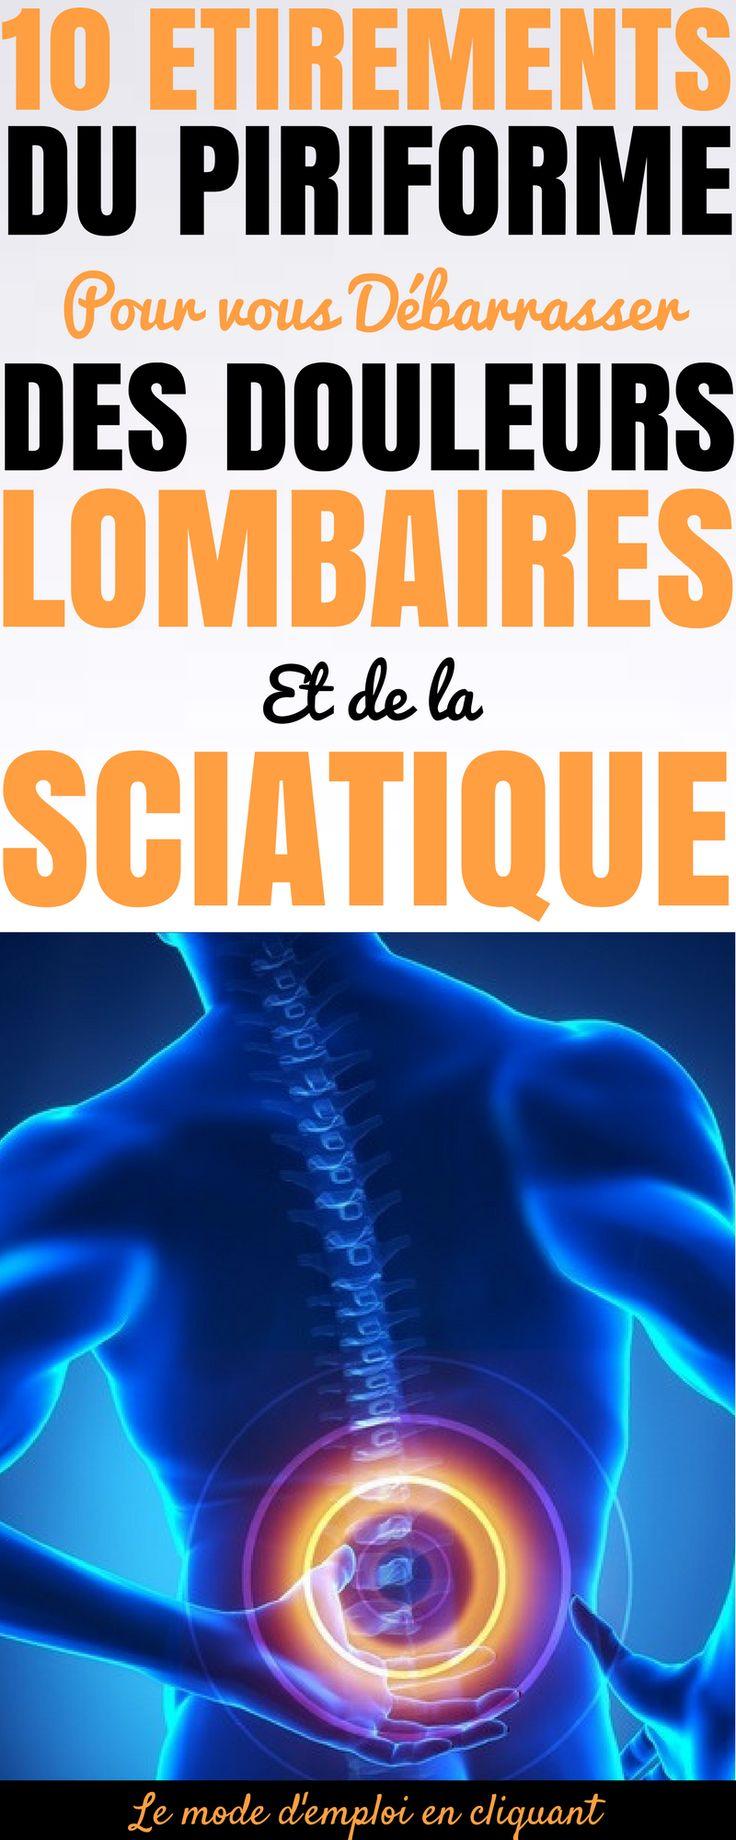 Les douleurs lombaires et la sciatique sont très fréquentes et peuvent être le résultat de diverses causes. L'une d'entre elles n'est généralement pas le principal suspect, mais il se produit plus souvent qu'on ne le pense : la constriction ou l'inflammation du muscle piriforme. Ce petit muscle est situé juste derrière le grand fessier, reliant la colonne vertébrale au sommet du fémur. Si le muscle piriforme se raidit, se tire, ou s'enflamme, des étirements..#santé #astuces…